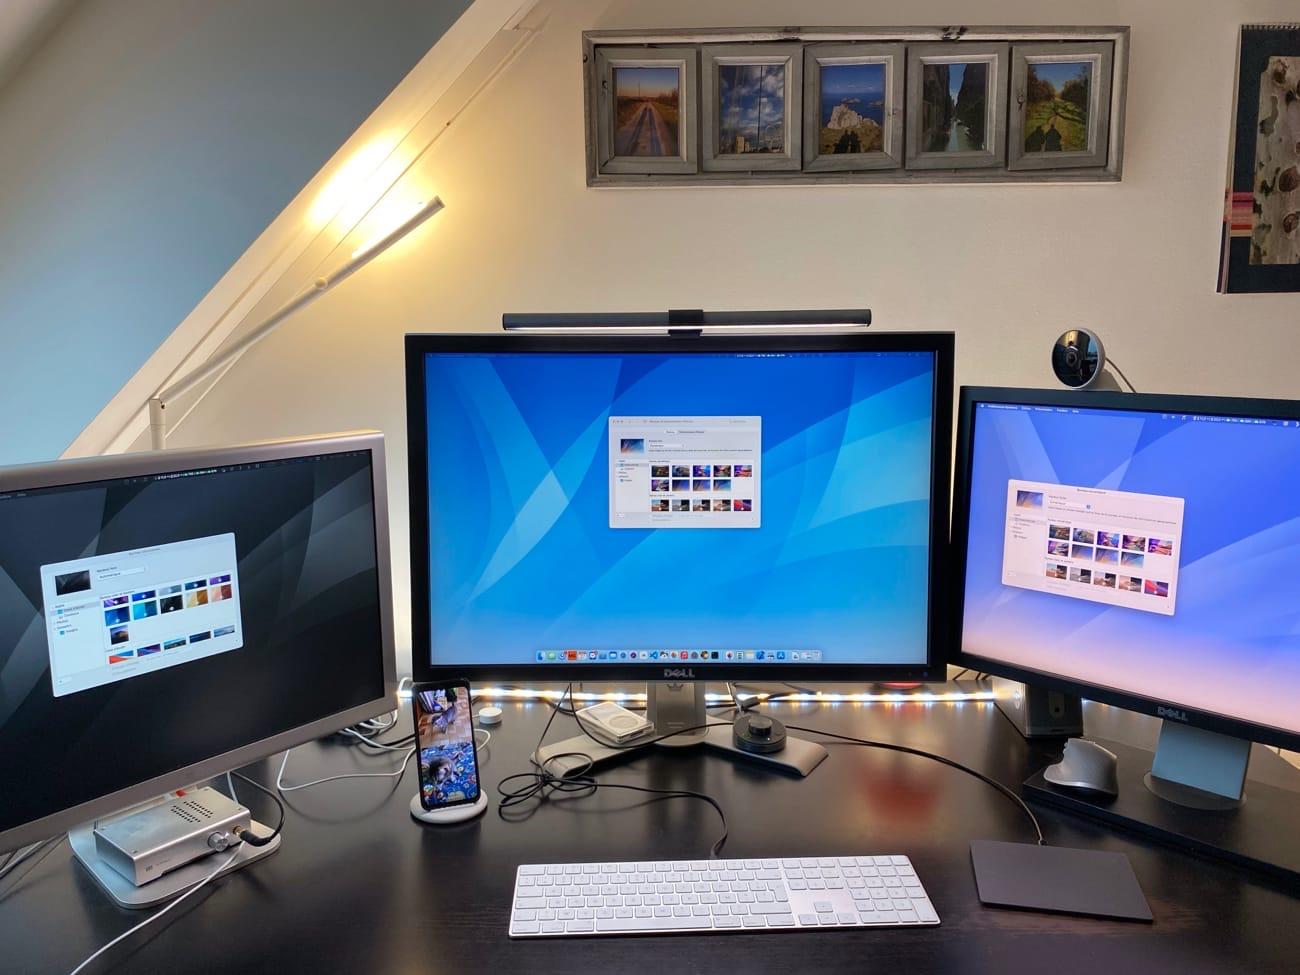 Aqueux, une version moderne et dynamique du fond d'écran de Mac OS X Tiger | MacGeneration